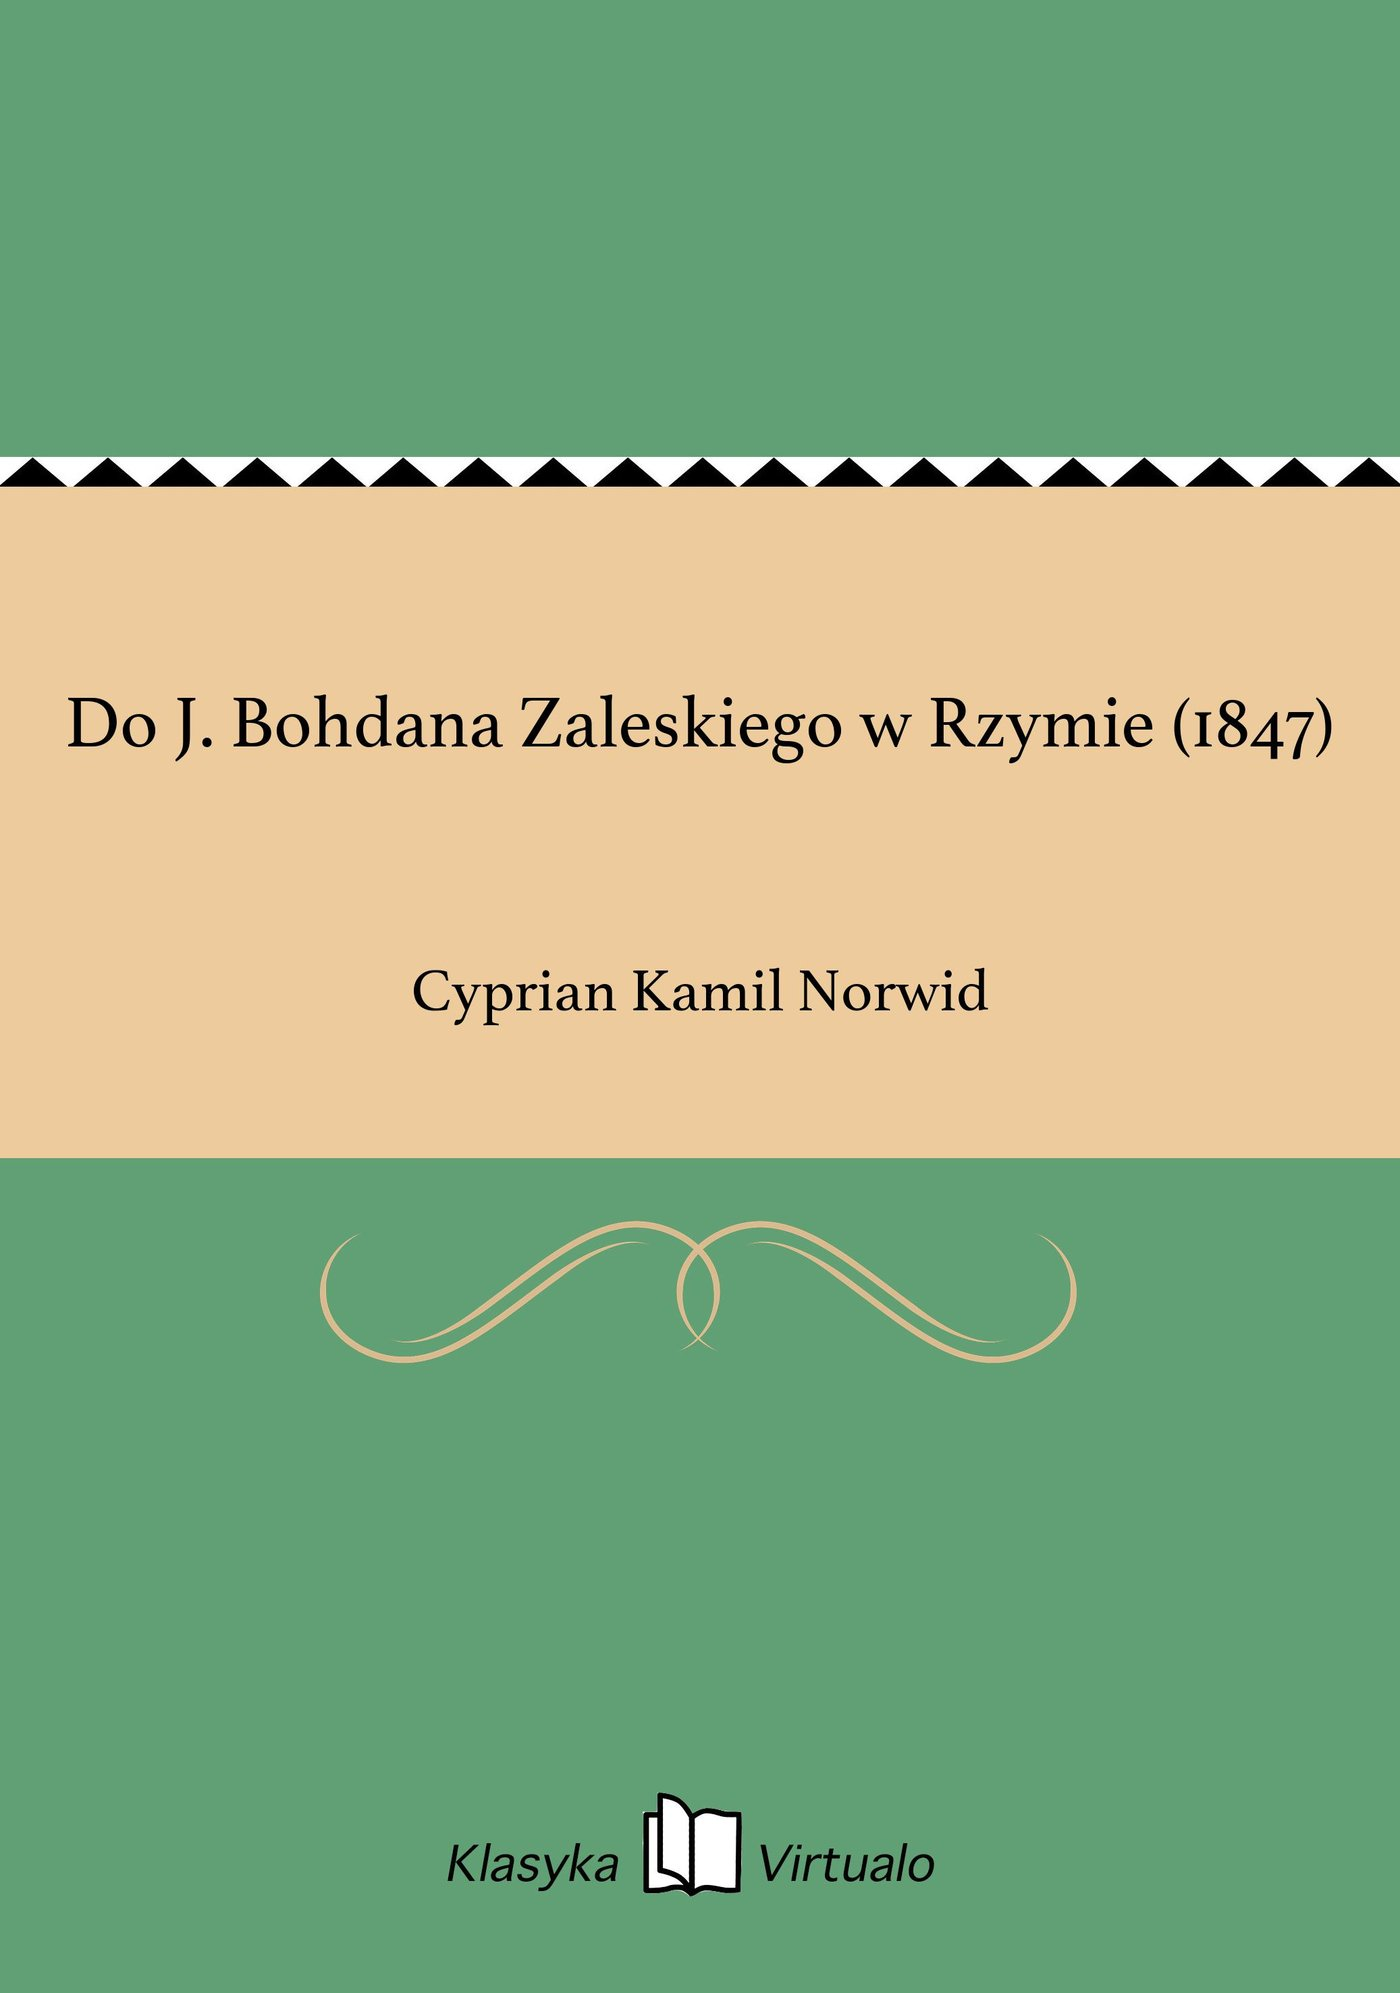 Do J. Bohdana Zaleskiego w Rzymie (1847) - Ebook (Książka EPUB) do pobrania w formacie EPUB